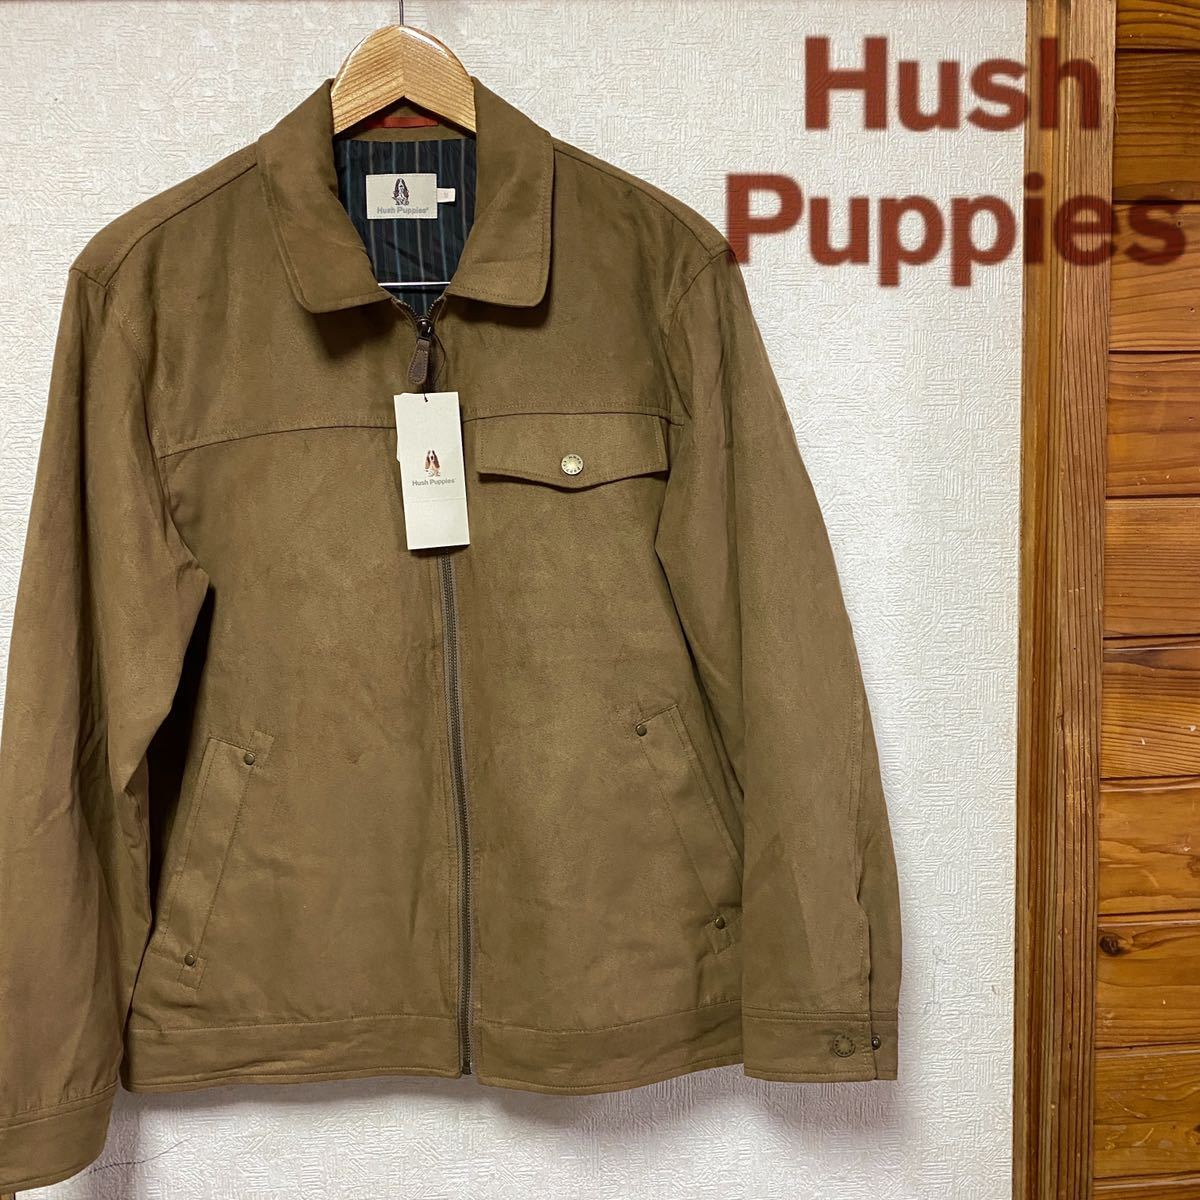 Hush Puppies ハッシュパピー ジャケット